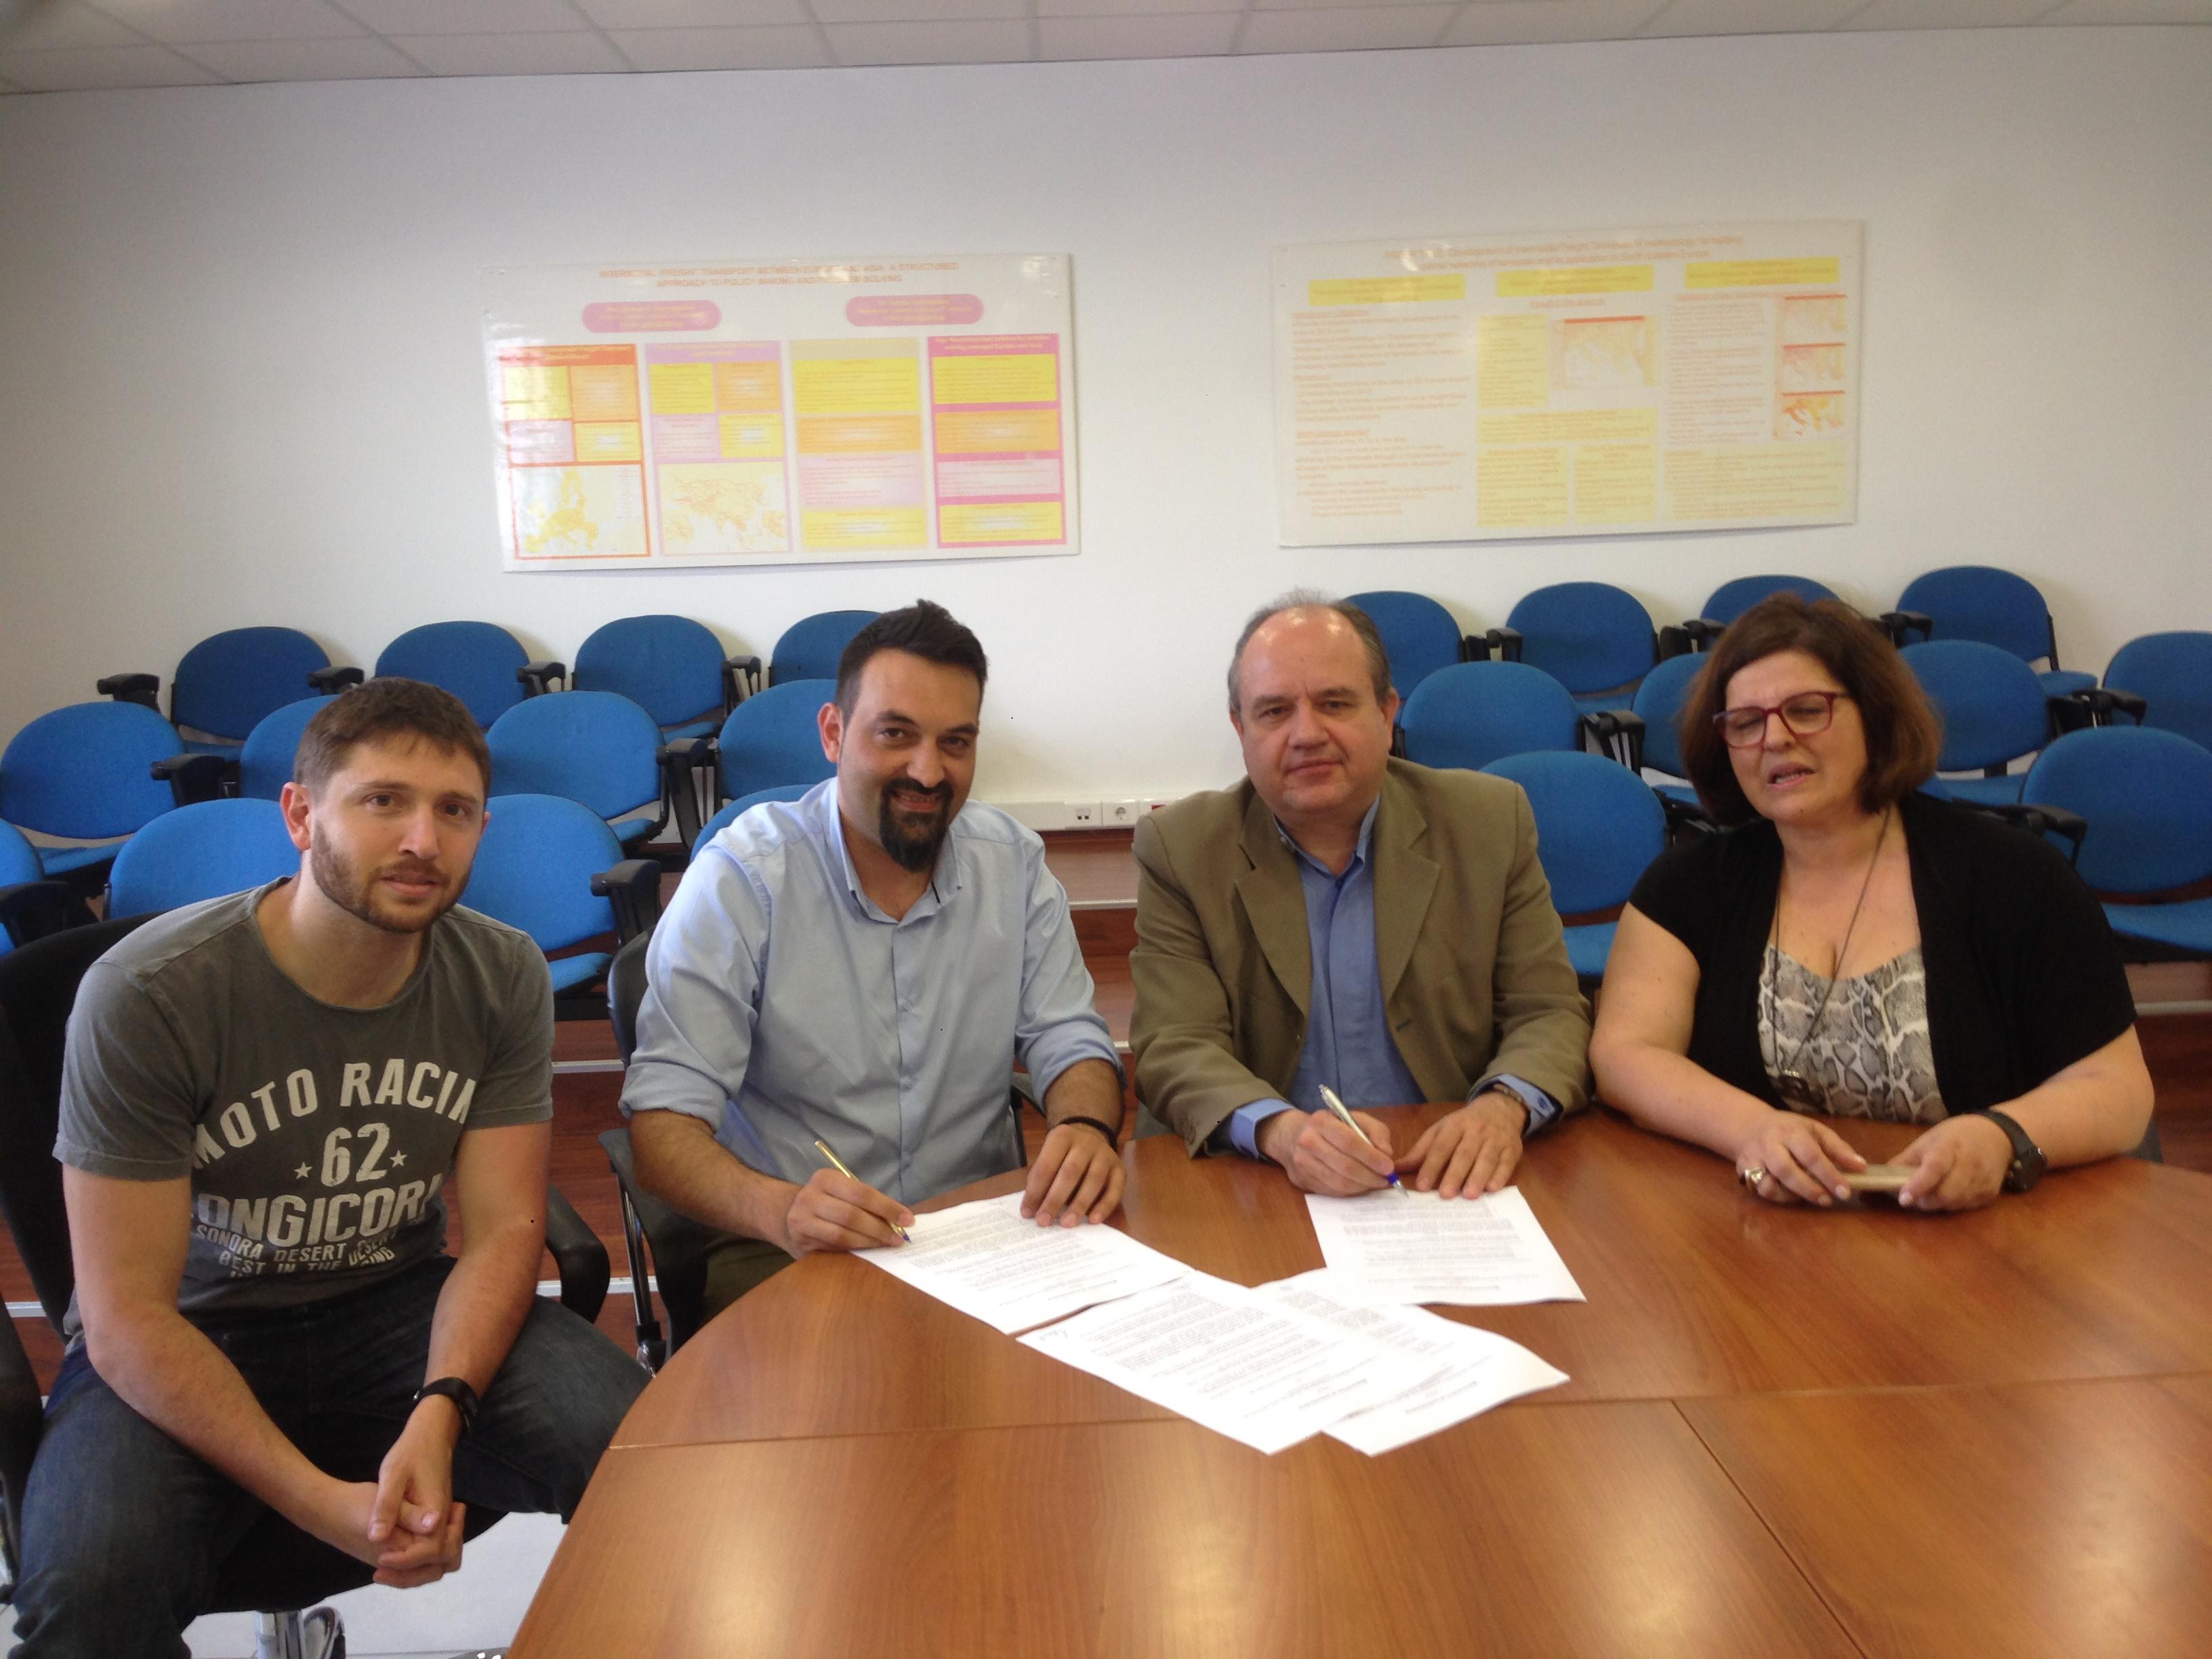 Σύμφωνο Συνεργασίας υπέγραψαν το Ίδρυμα Ανοικτής Γνώσης Ελλάδος και το Ινστιτούτο Βιώσιμης Κινητικότητας και Δικτύων Μεταφορών (Ι.ΜΕΤ))